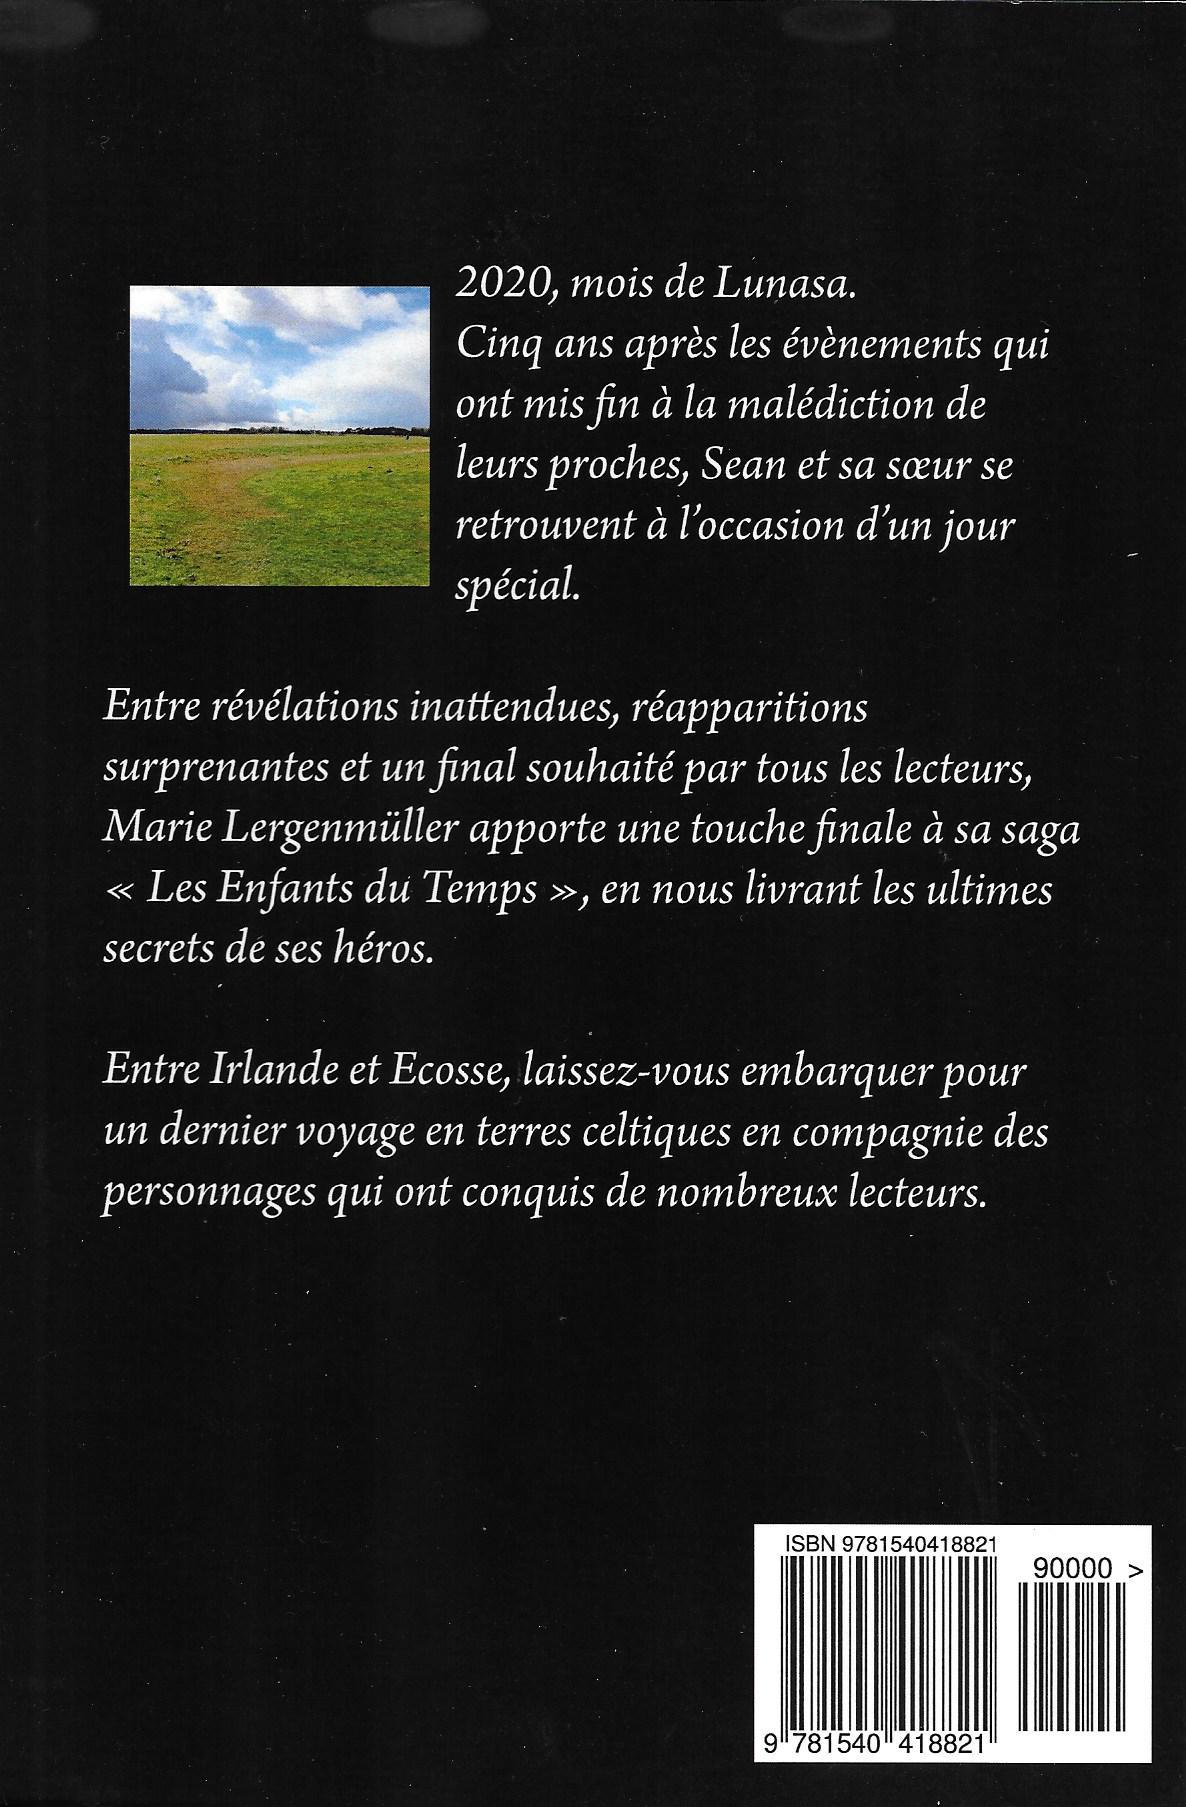 Les Enfants du Temps - Lunasa (couverture verso)